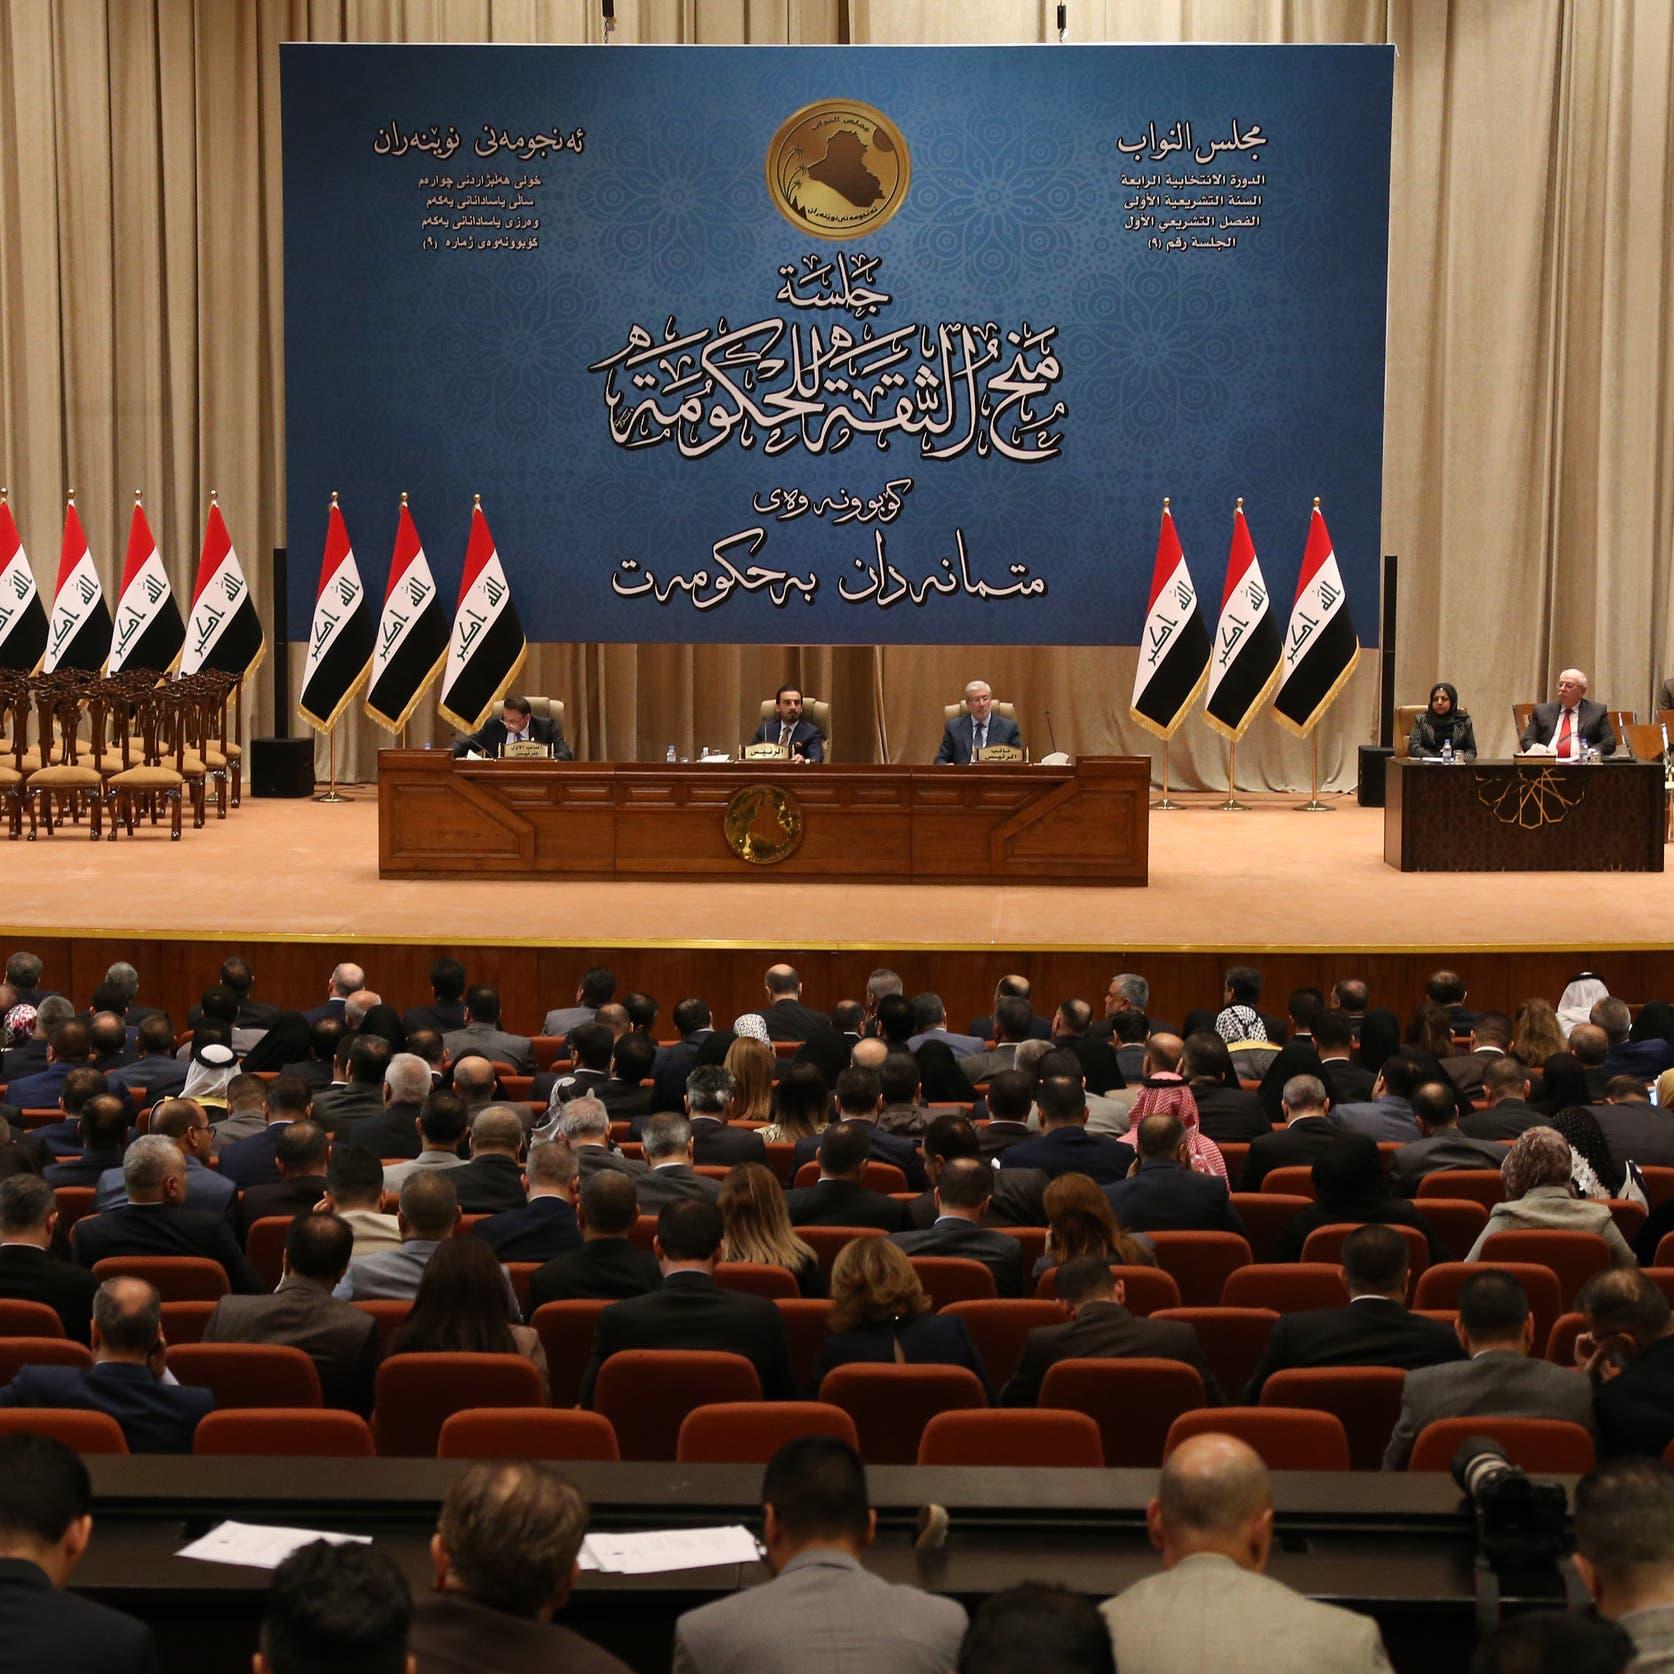 شاهد.. صور لقاسم سليماني تحيط جدران البرلمان العراقي